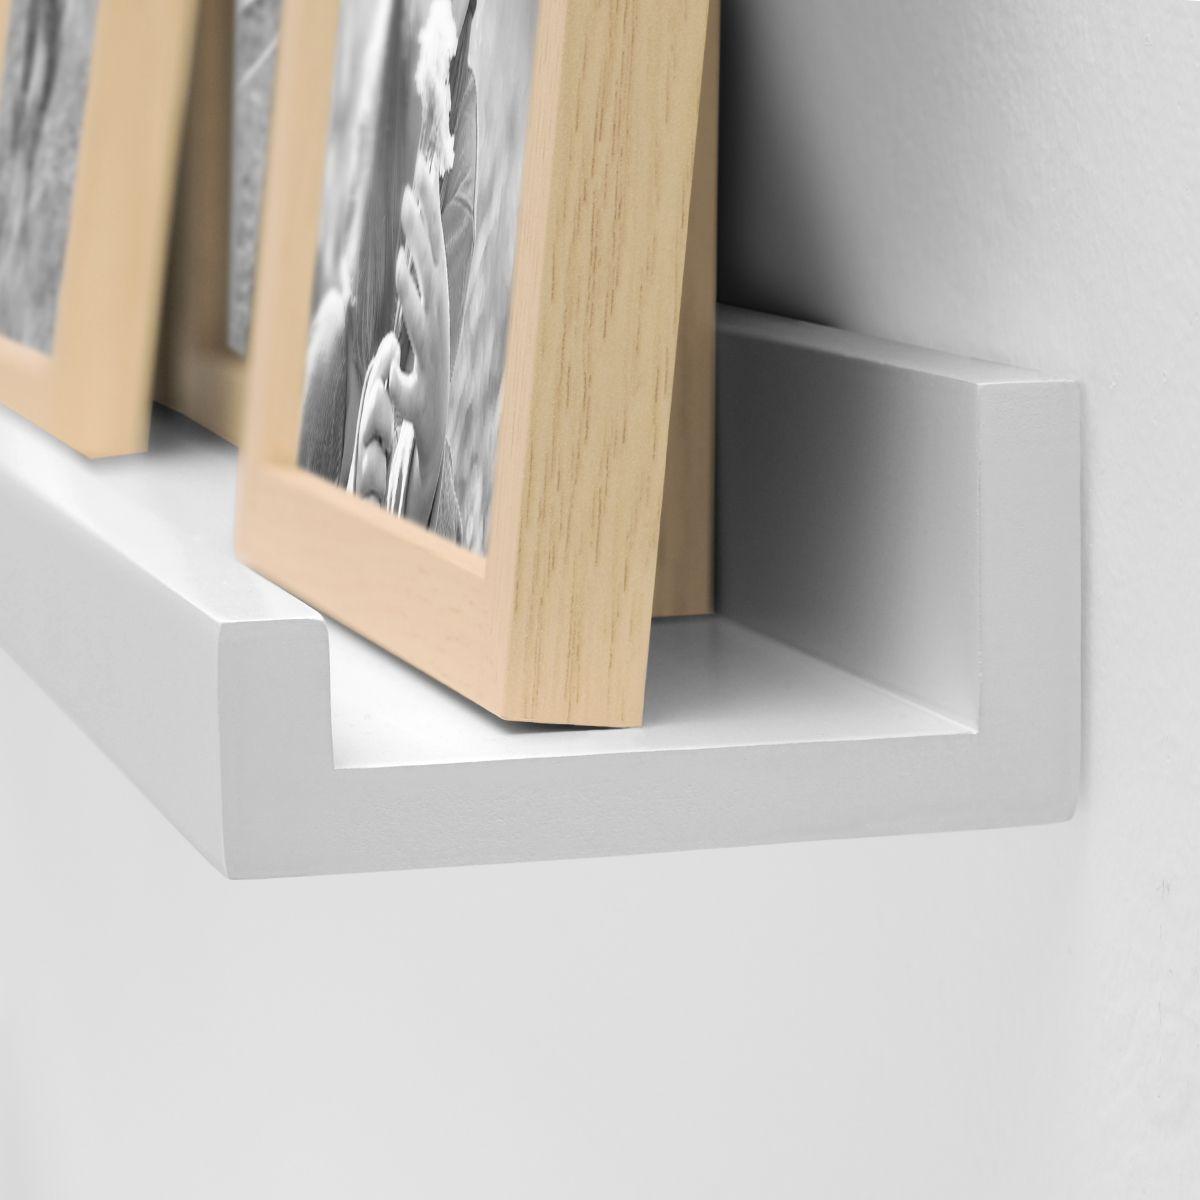 2er Set Bilderleiste Weiss 70 Cm Aus Mdf Inkl Montagematerial